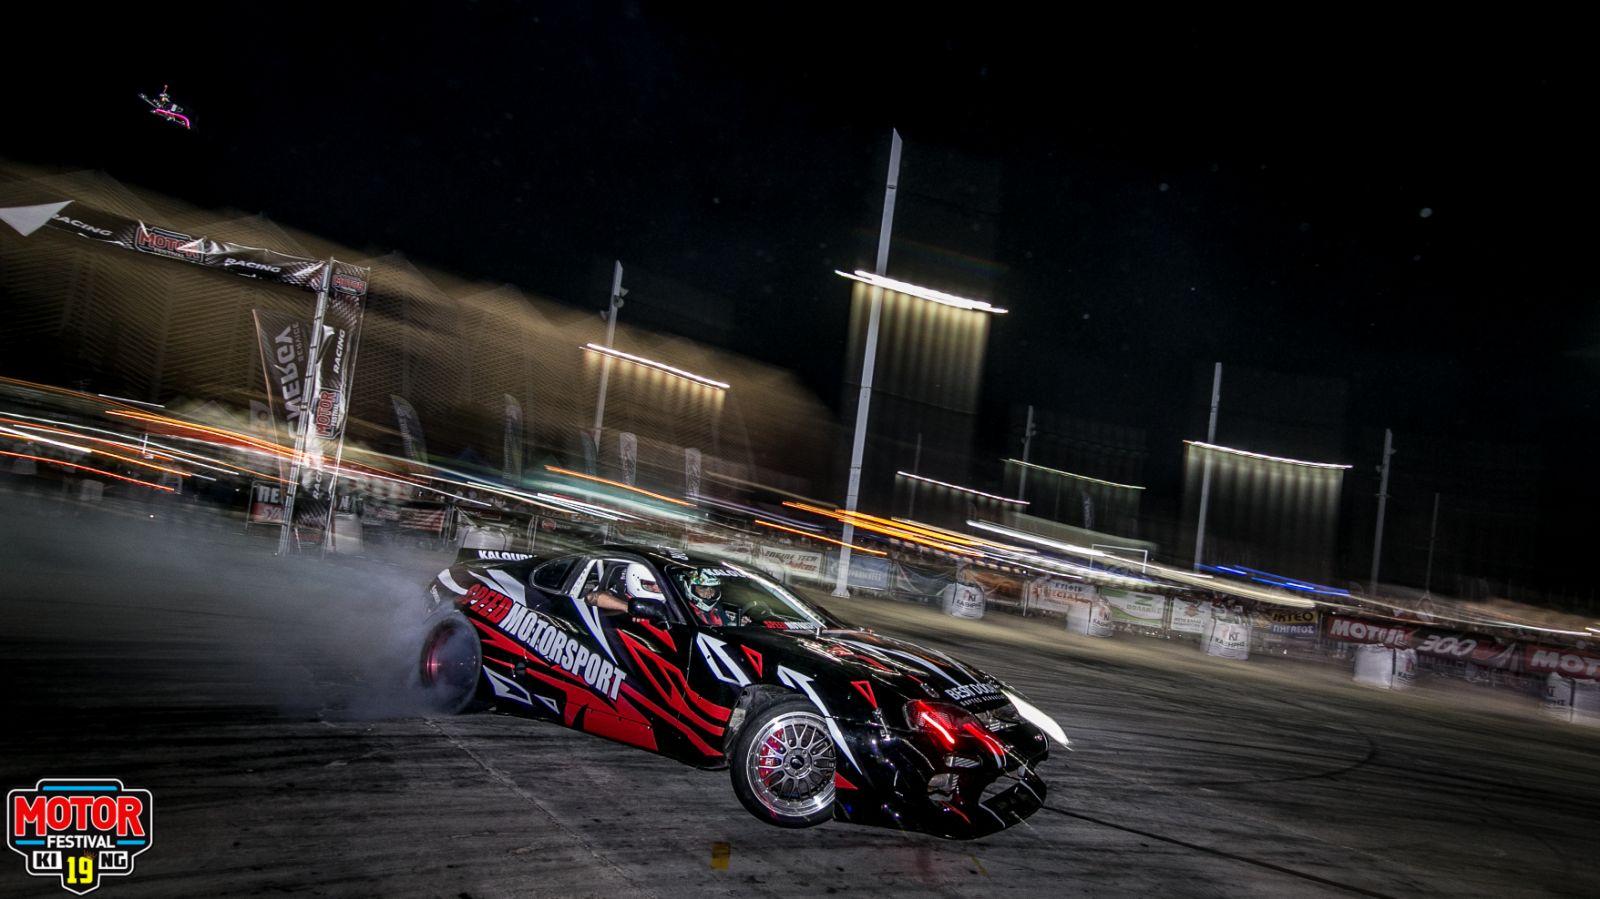 Το 19ο Motor Festival στο ΟΑΚΑ ήταν ανεπανάληπτο!